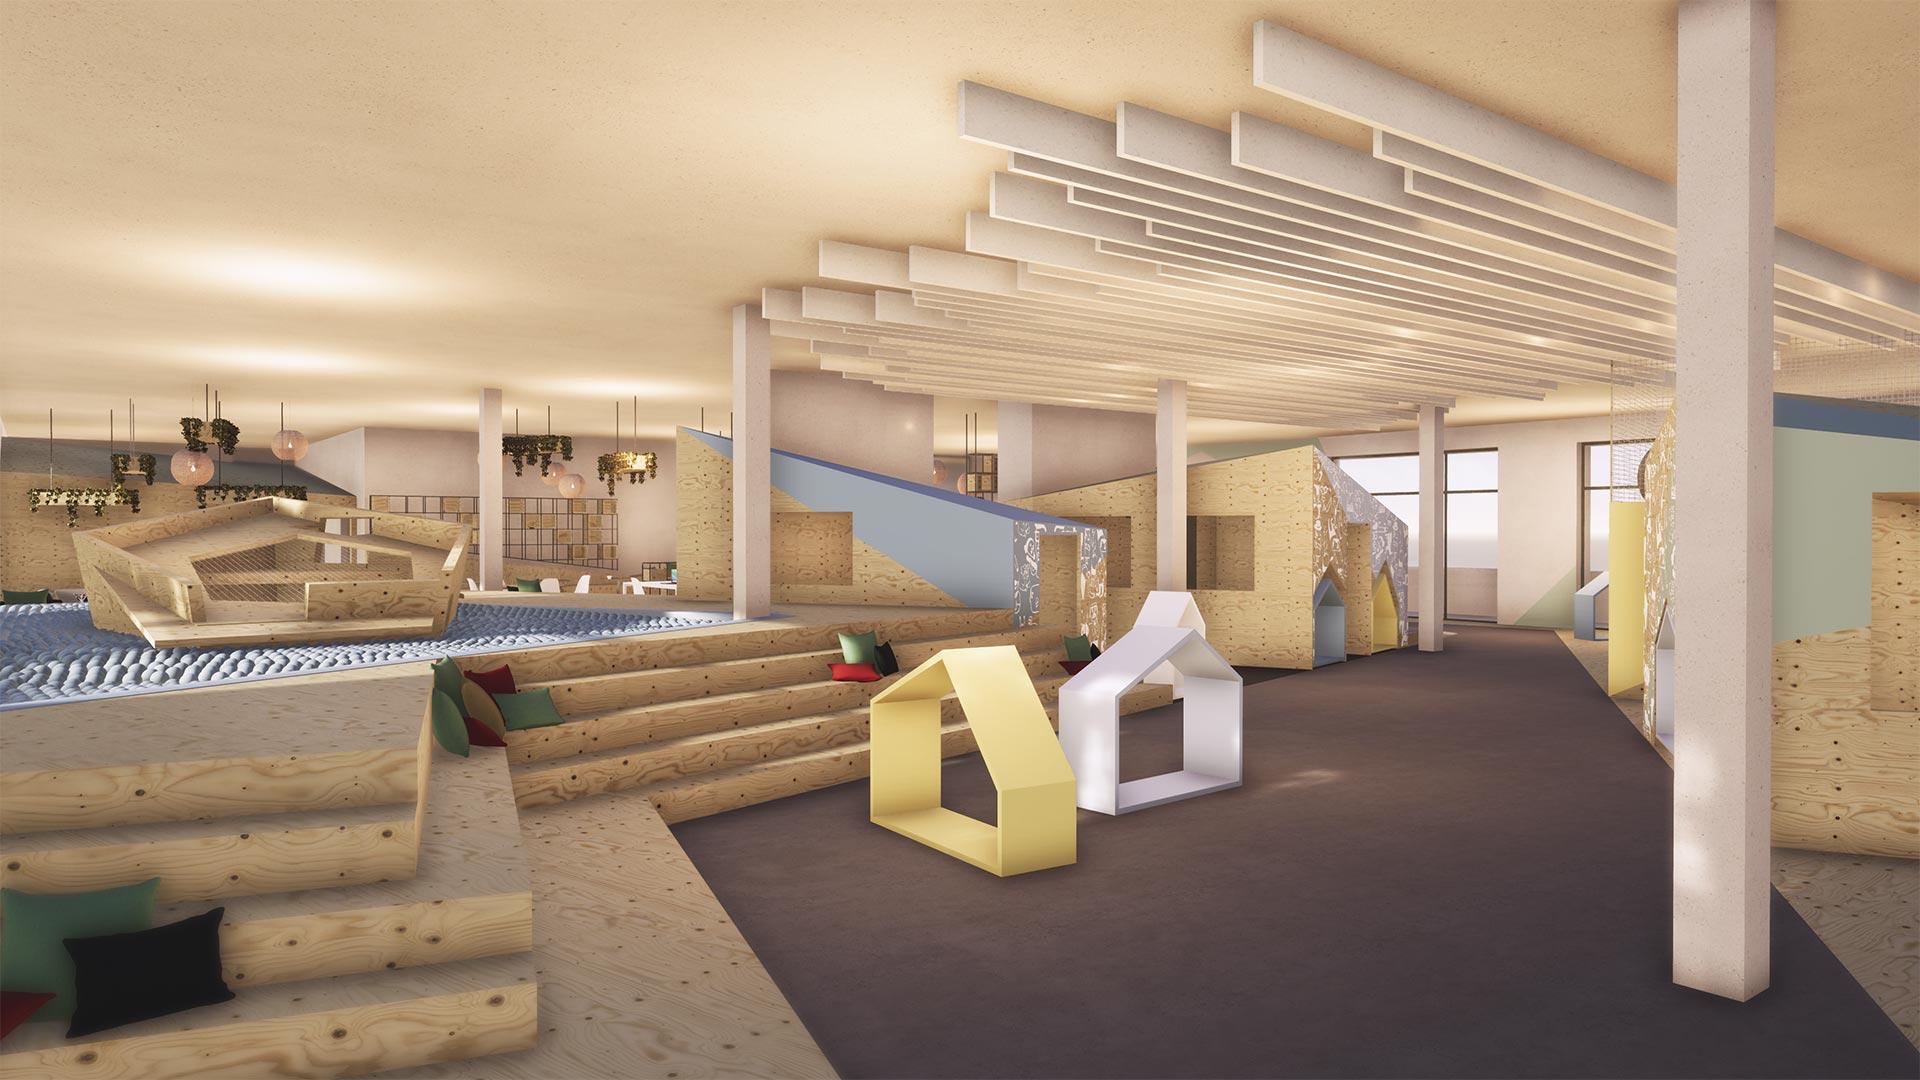 Spielhalle und Coworking Space